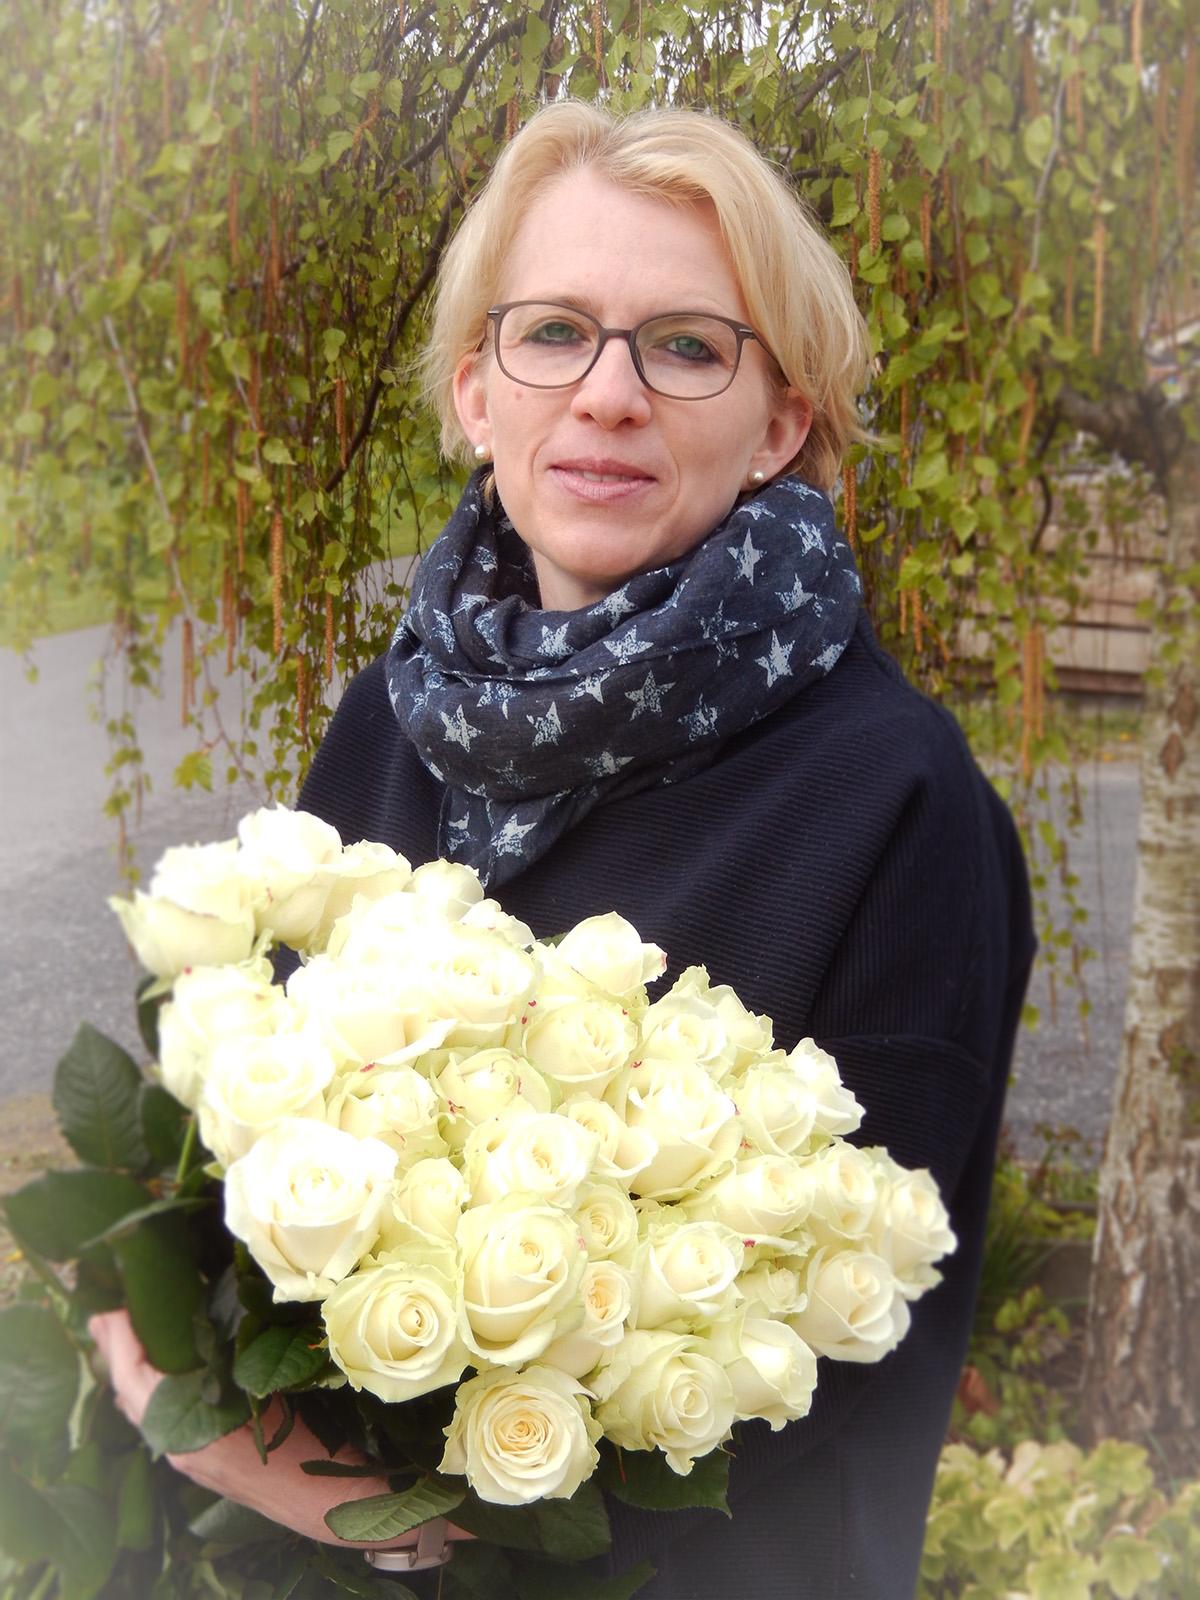 Blumenstiel - Heike Bauer